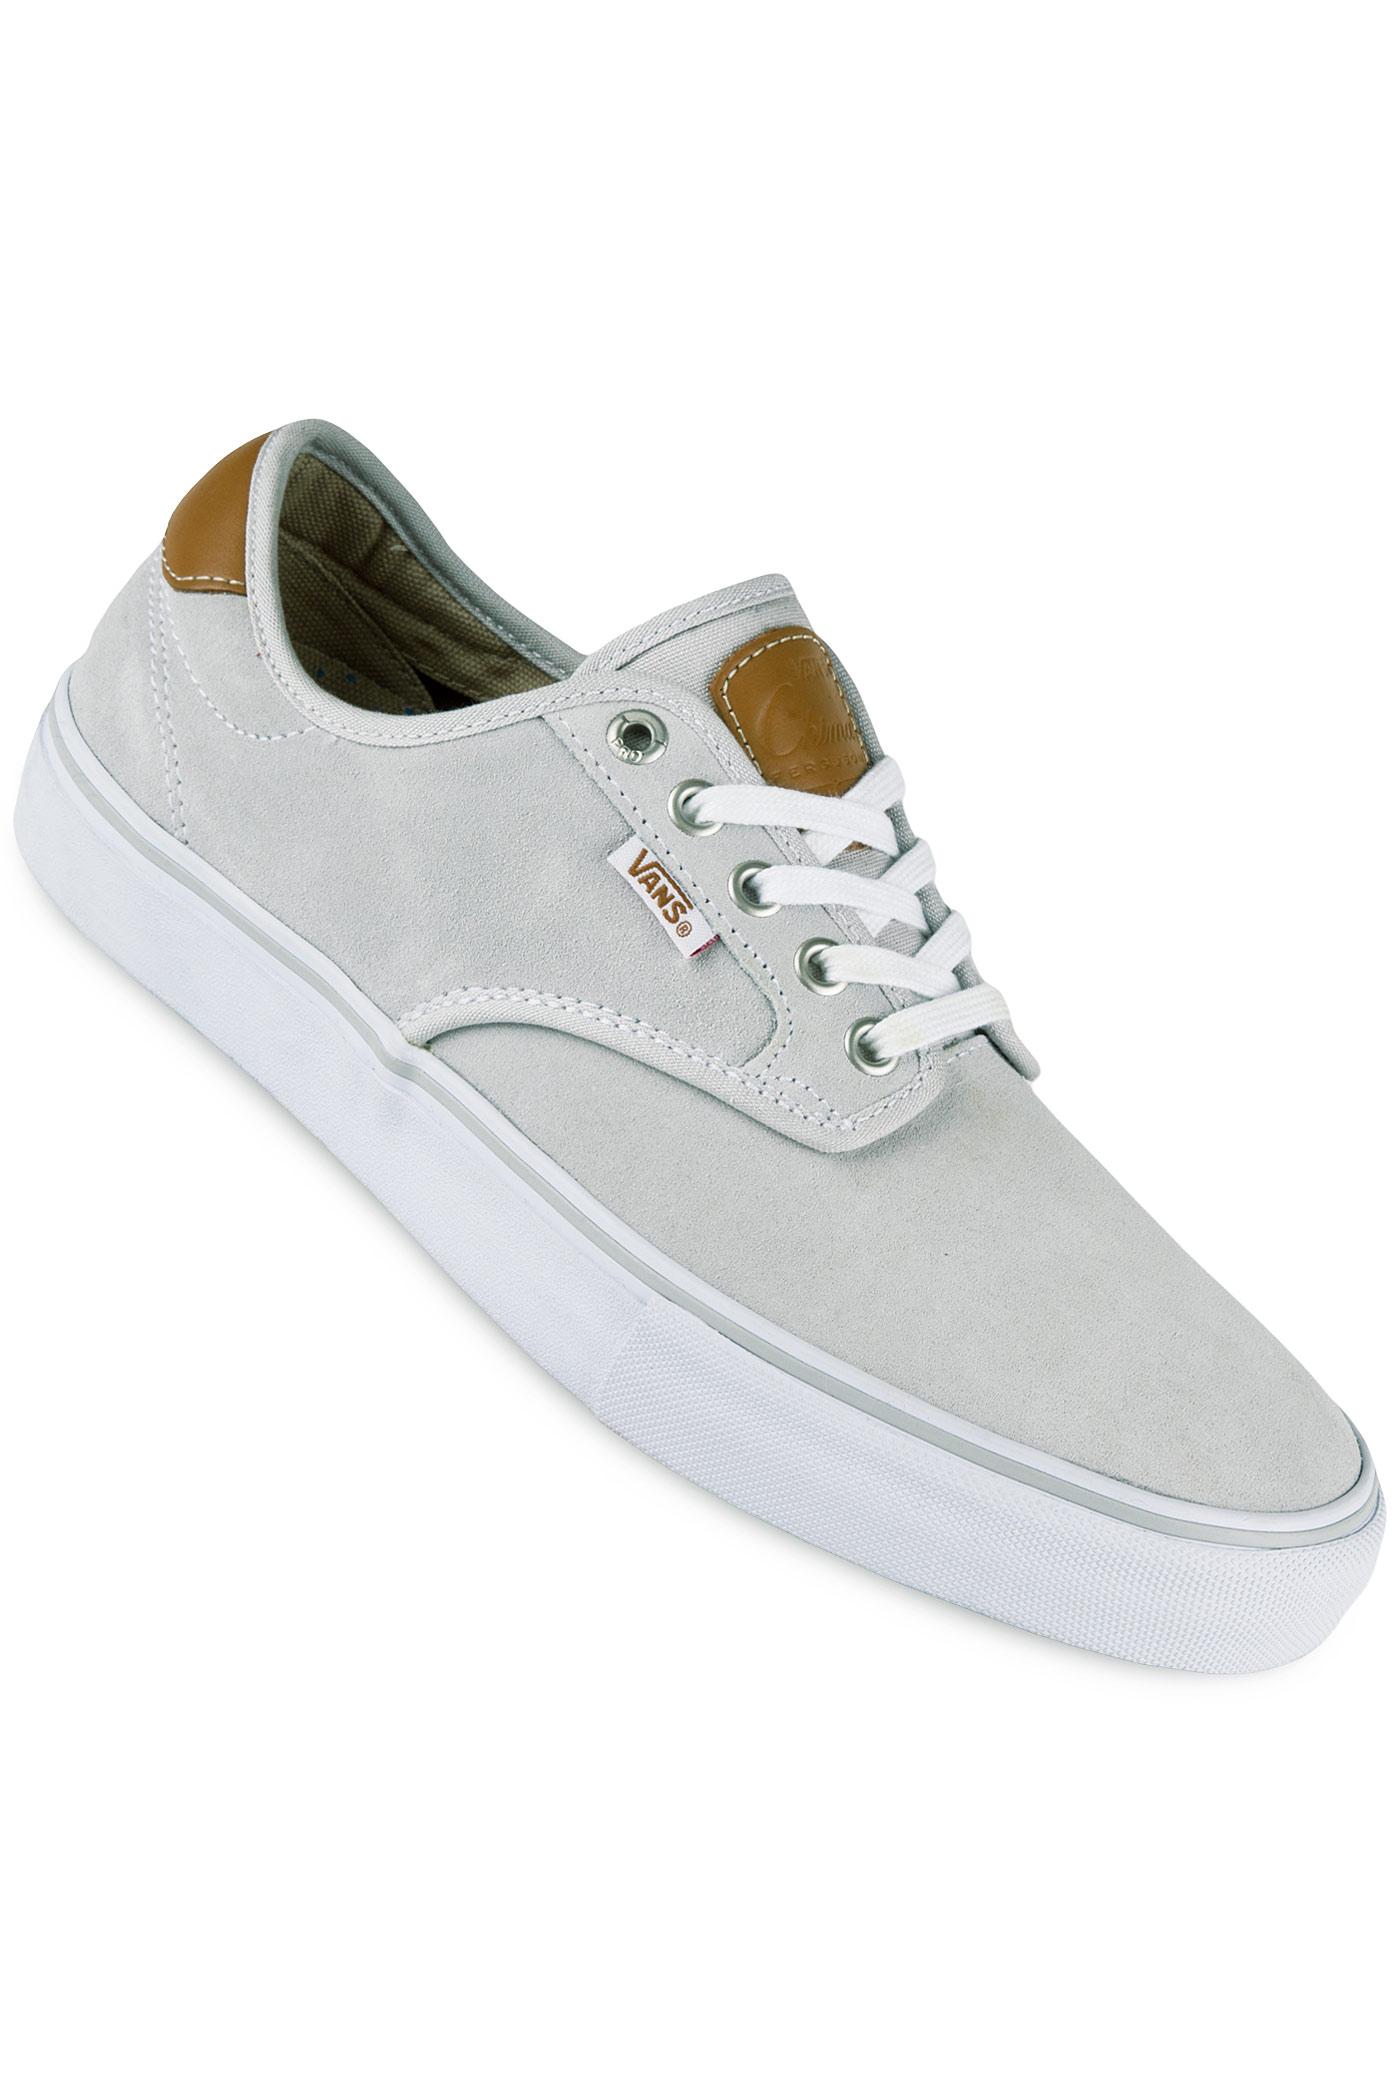 9d42d859fff Vans Chima Ferguson Pro Chaussure (light grey white) achetez sur ...